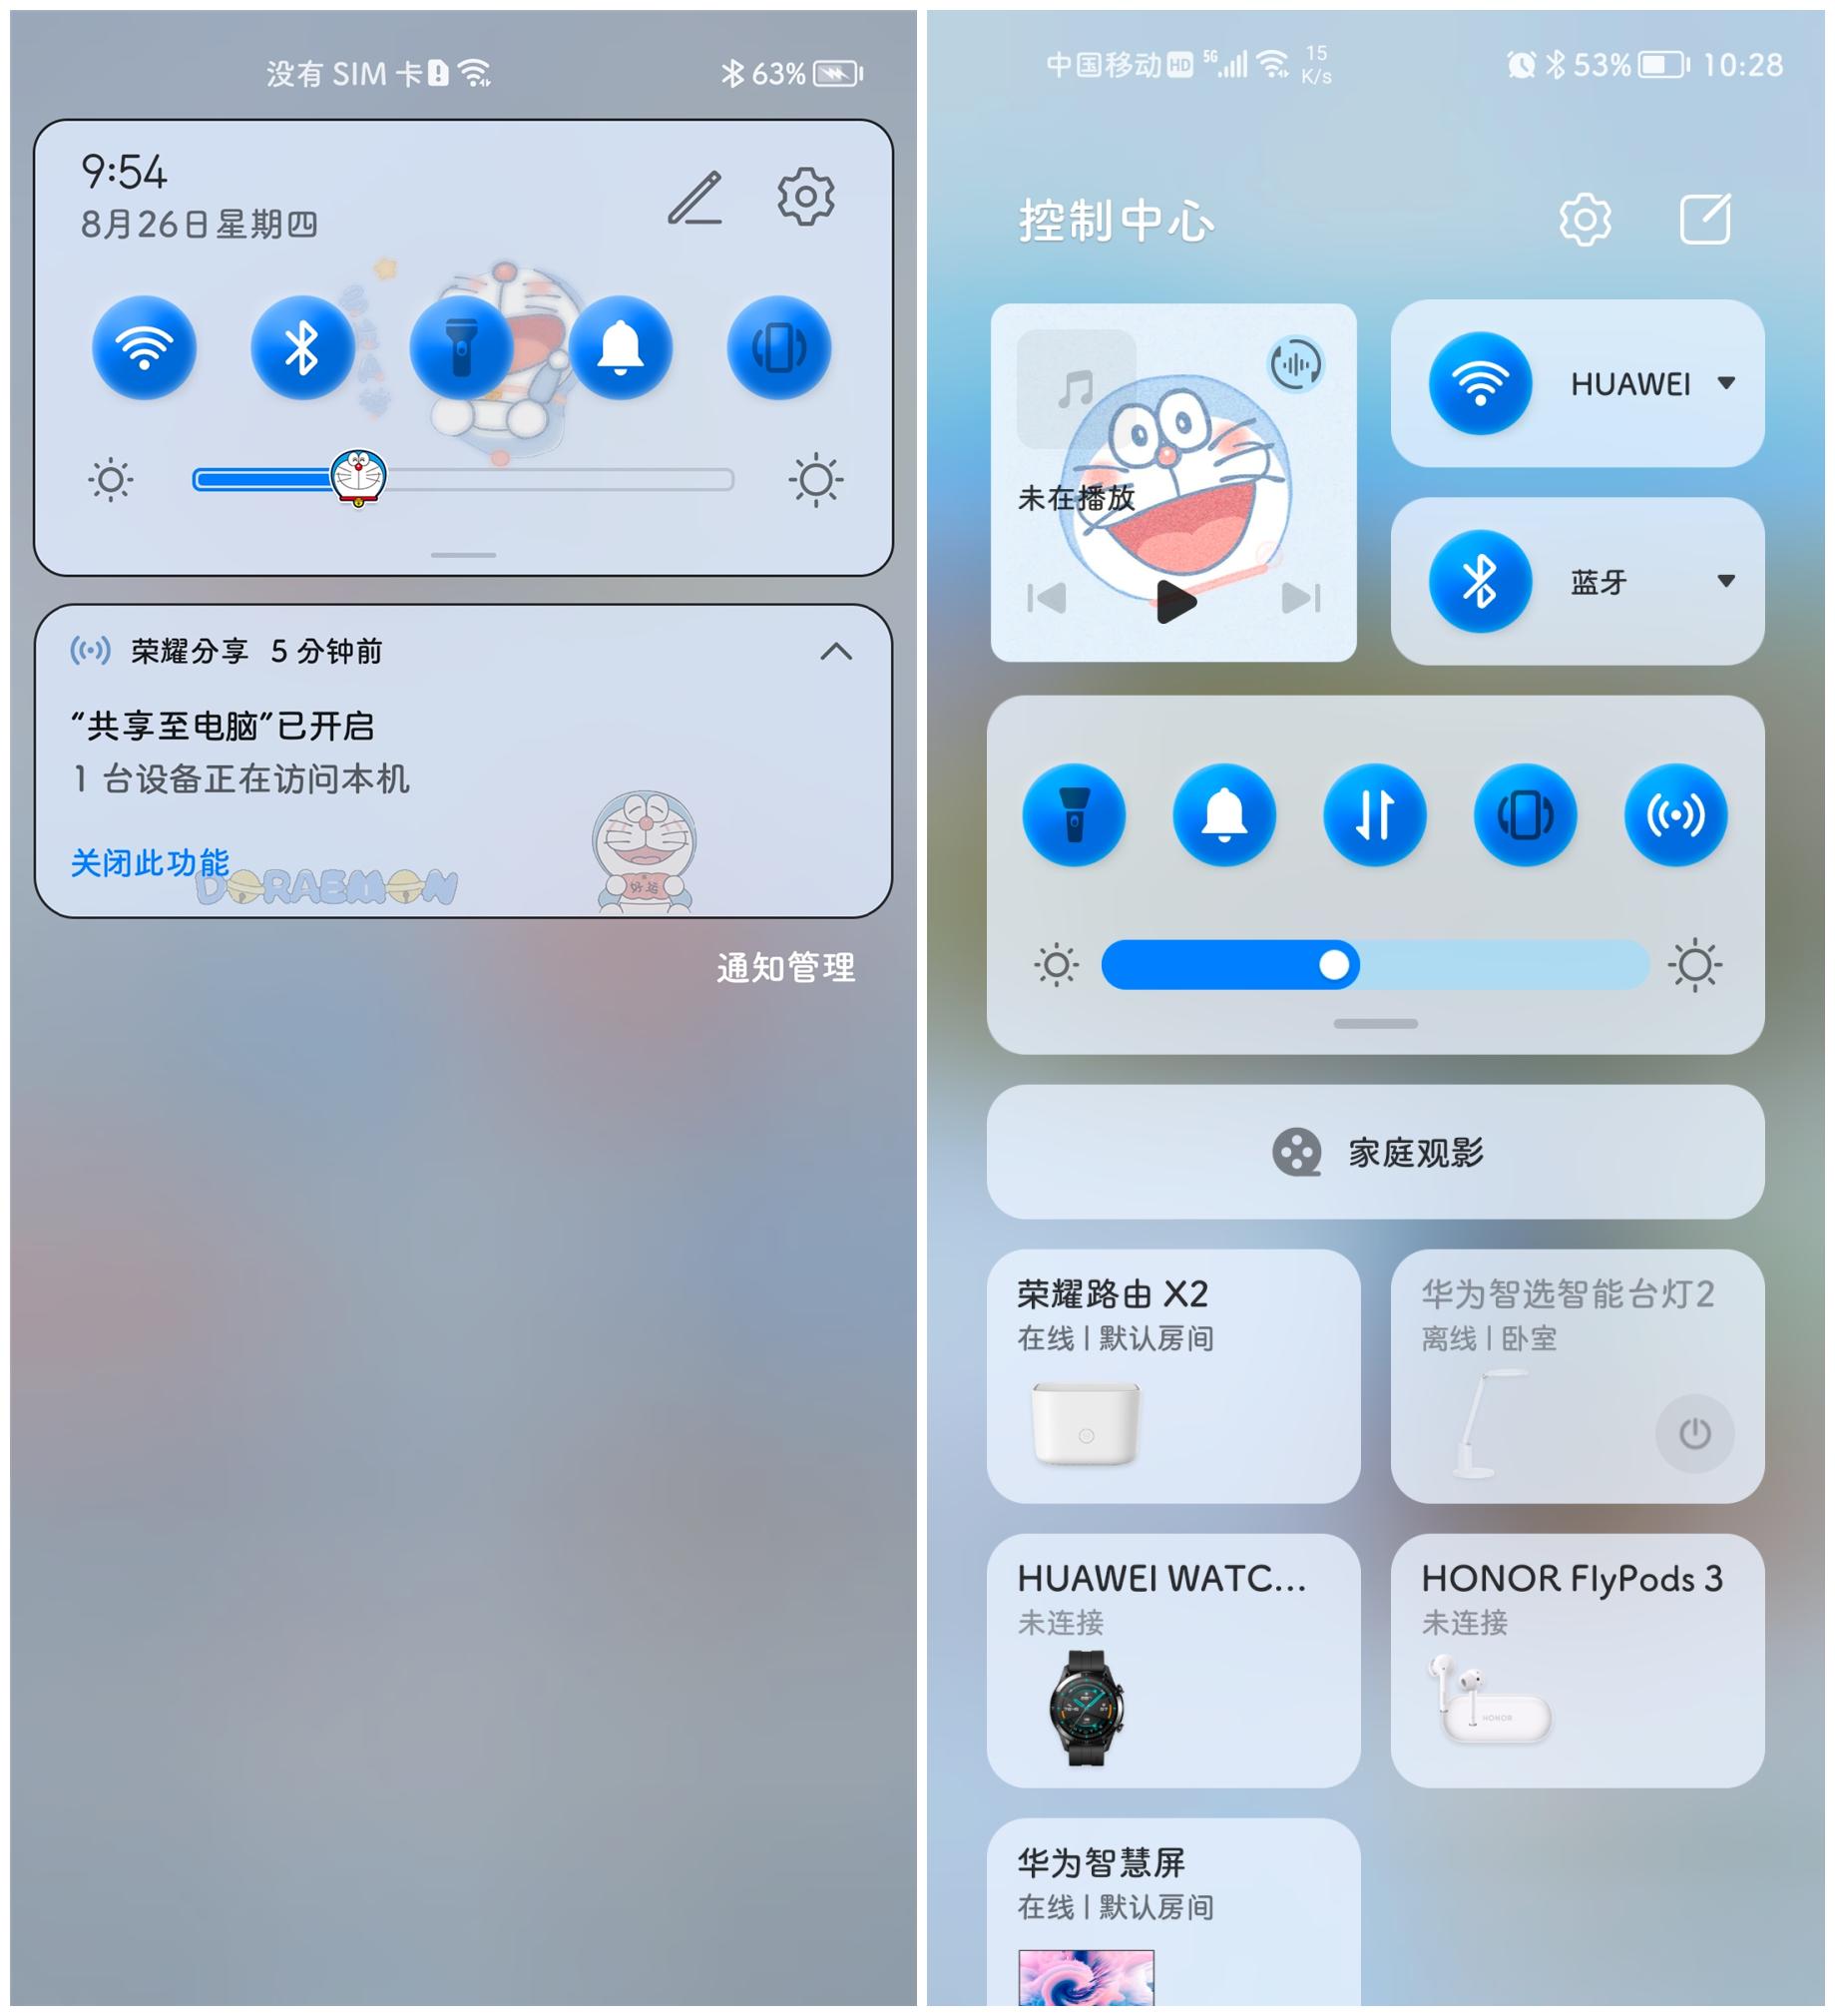 Screenshot_20210826_095419.jpg